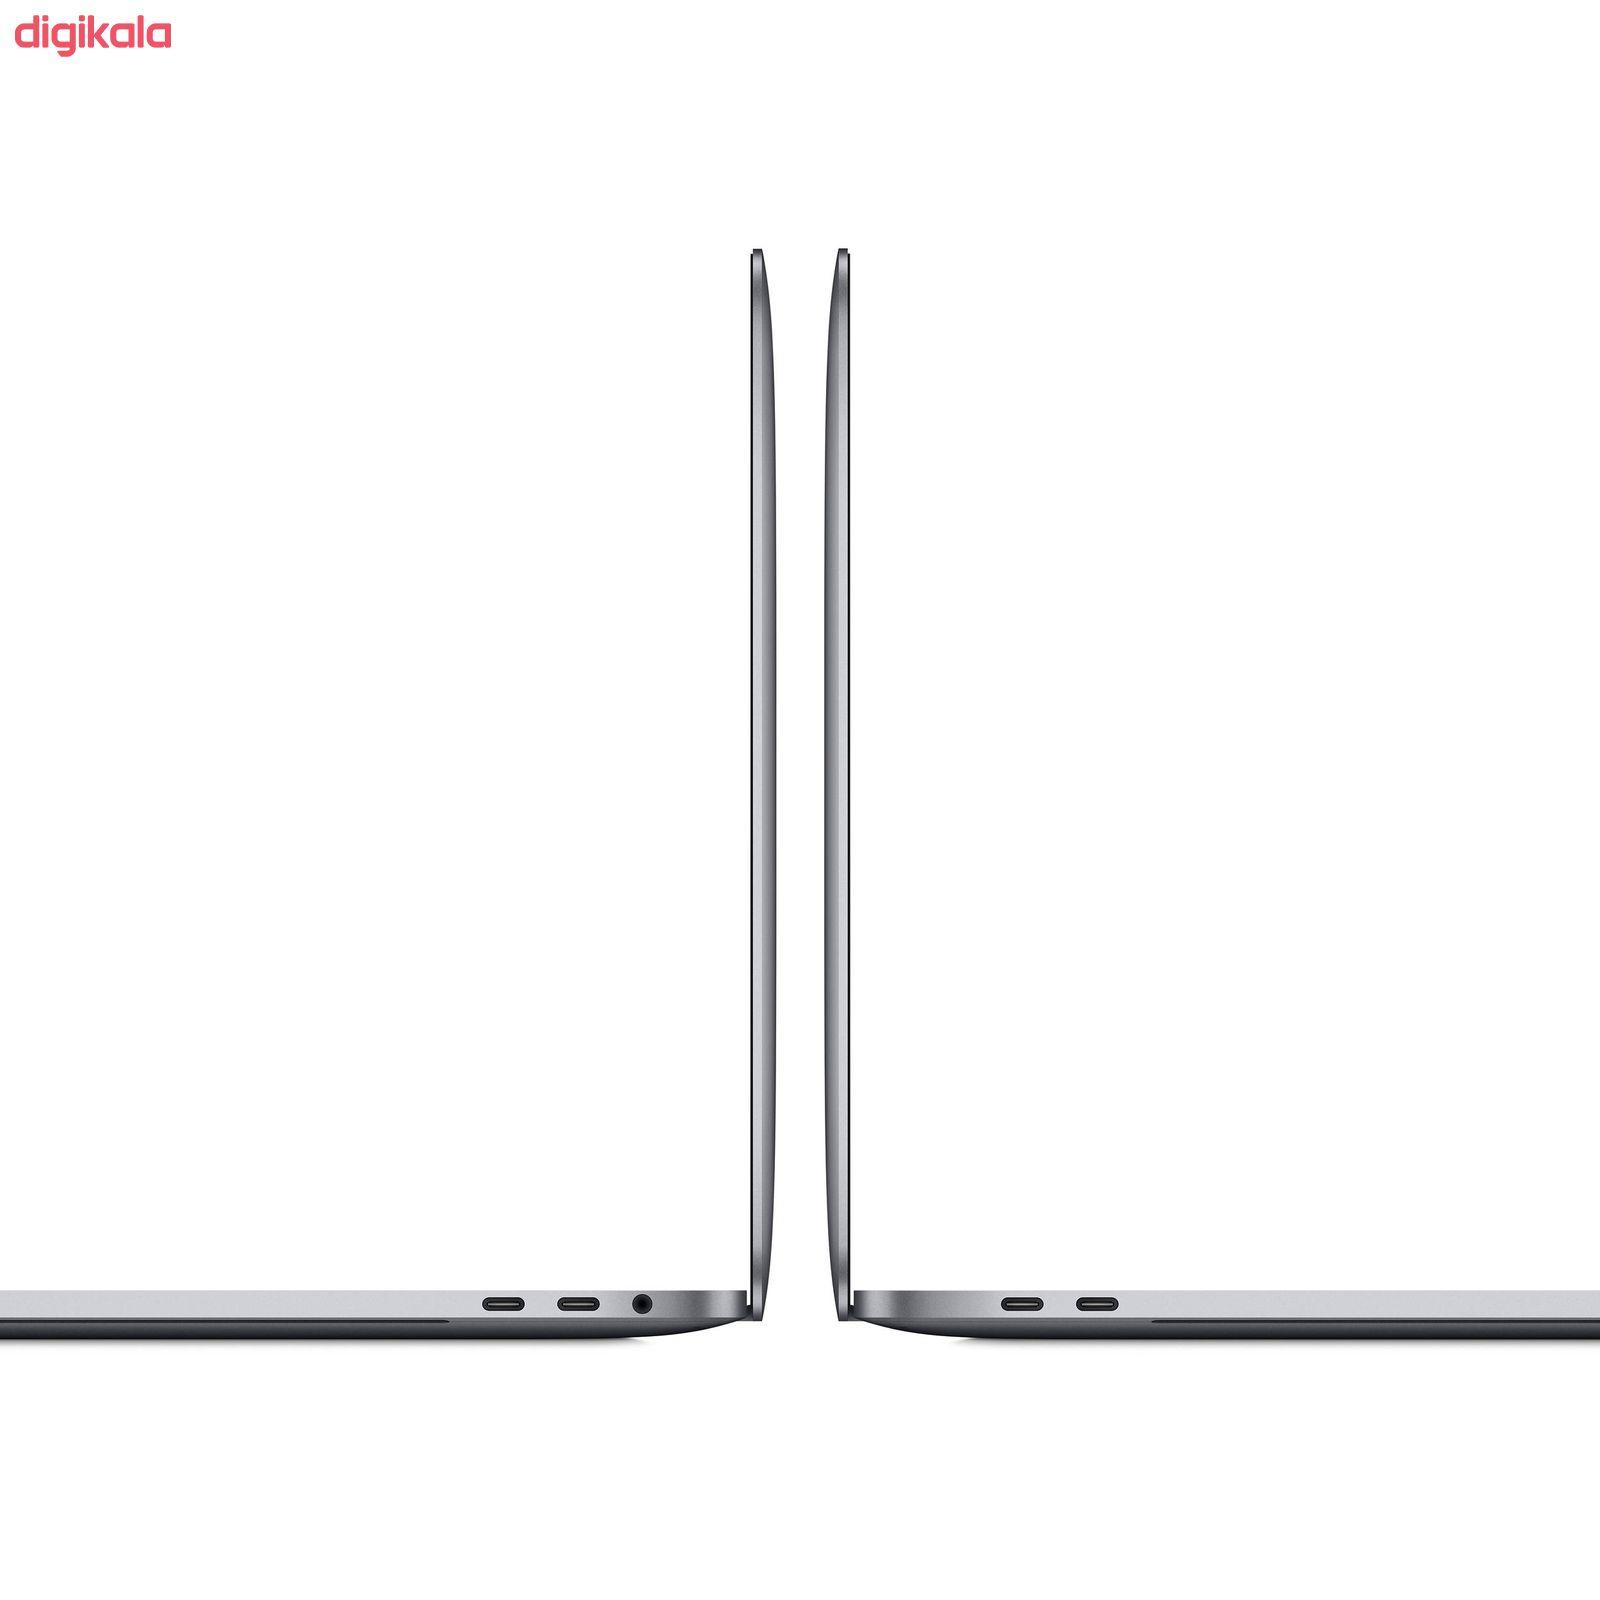 لپ تاپ 13 اینچی اپل مدل MacBook Pro MWP42 2020 همراه با تاچ بار  main 1 4